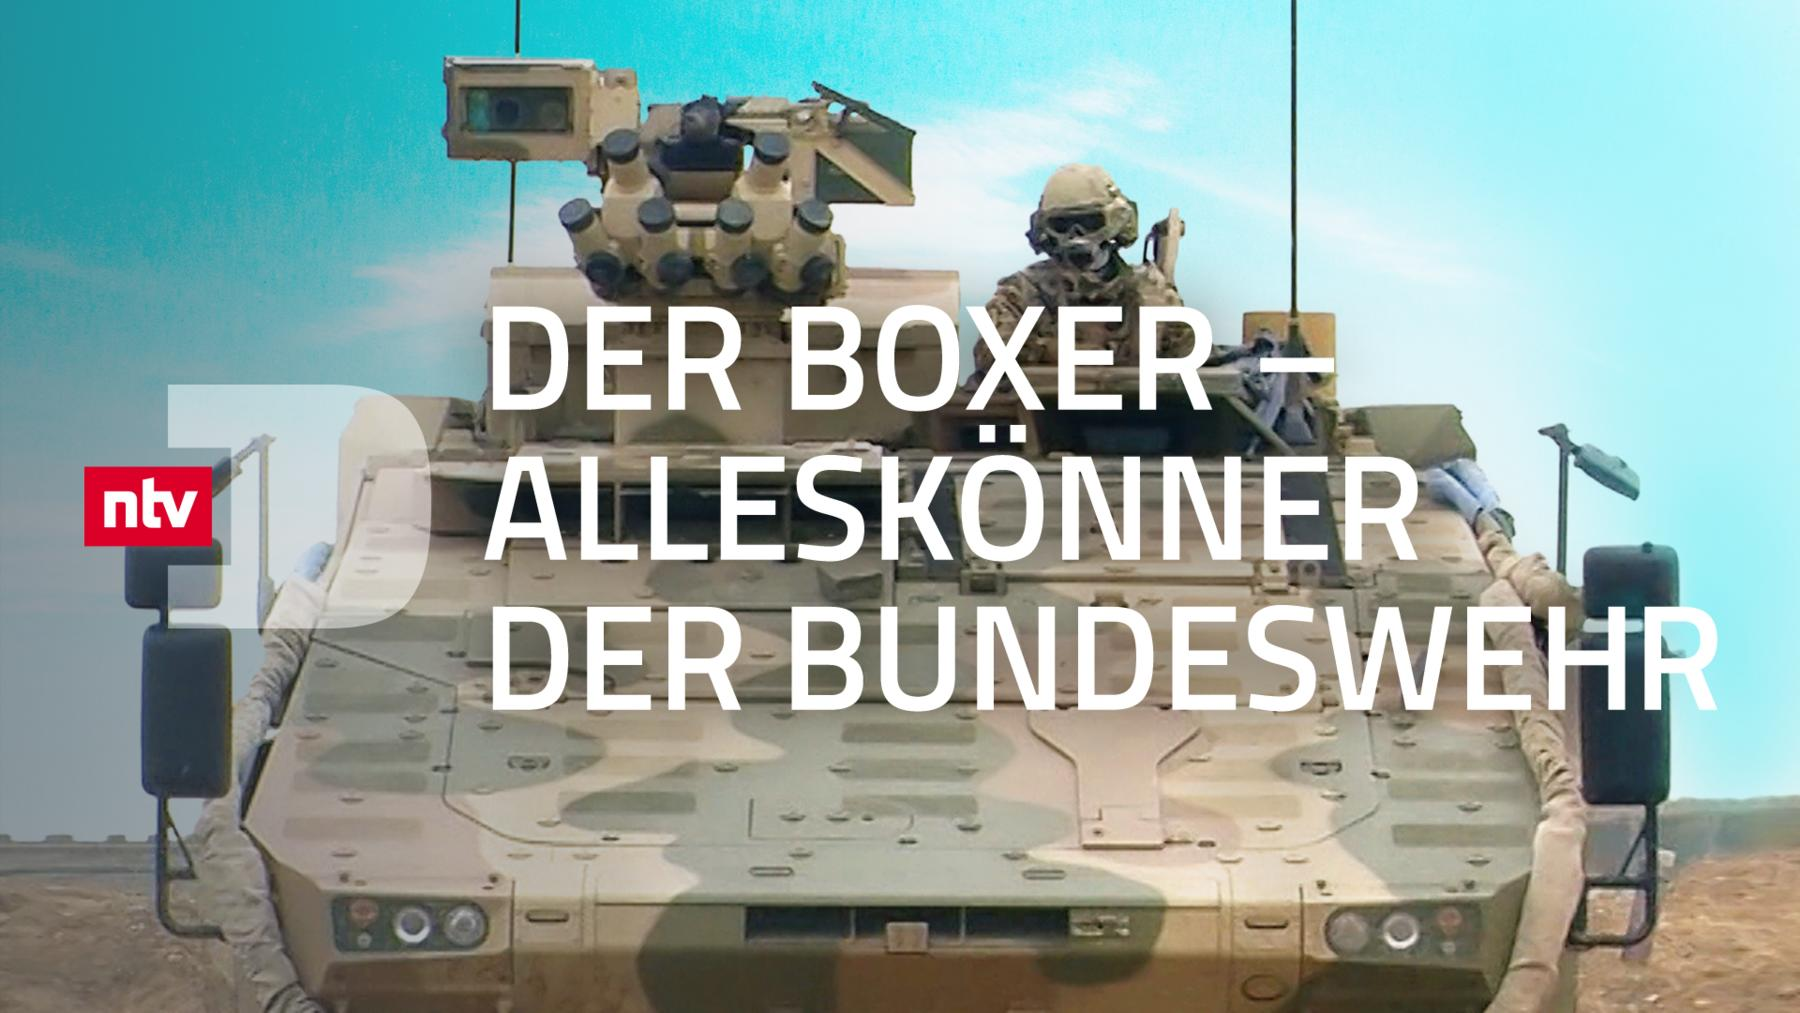 Der Boxer - Alleskönner der Bundeswehr